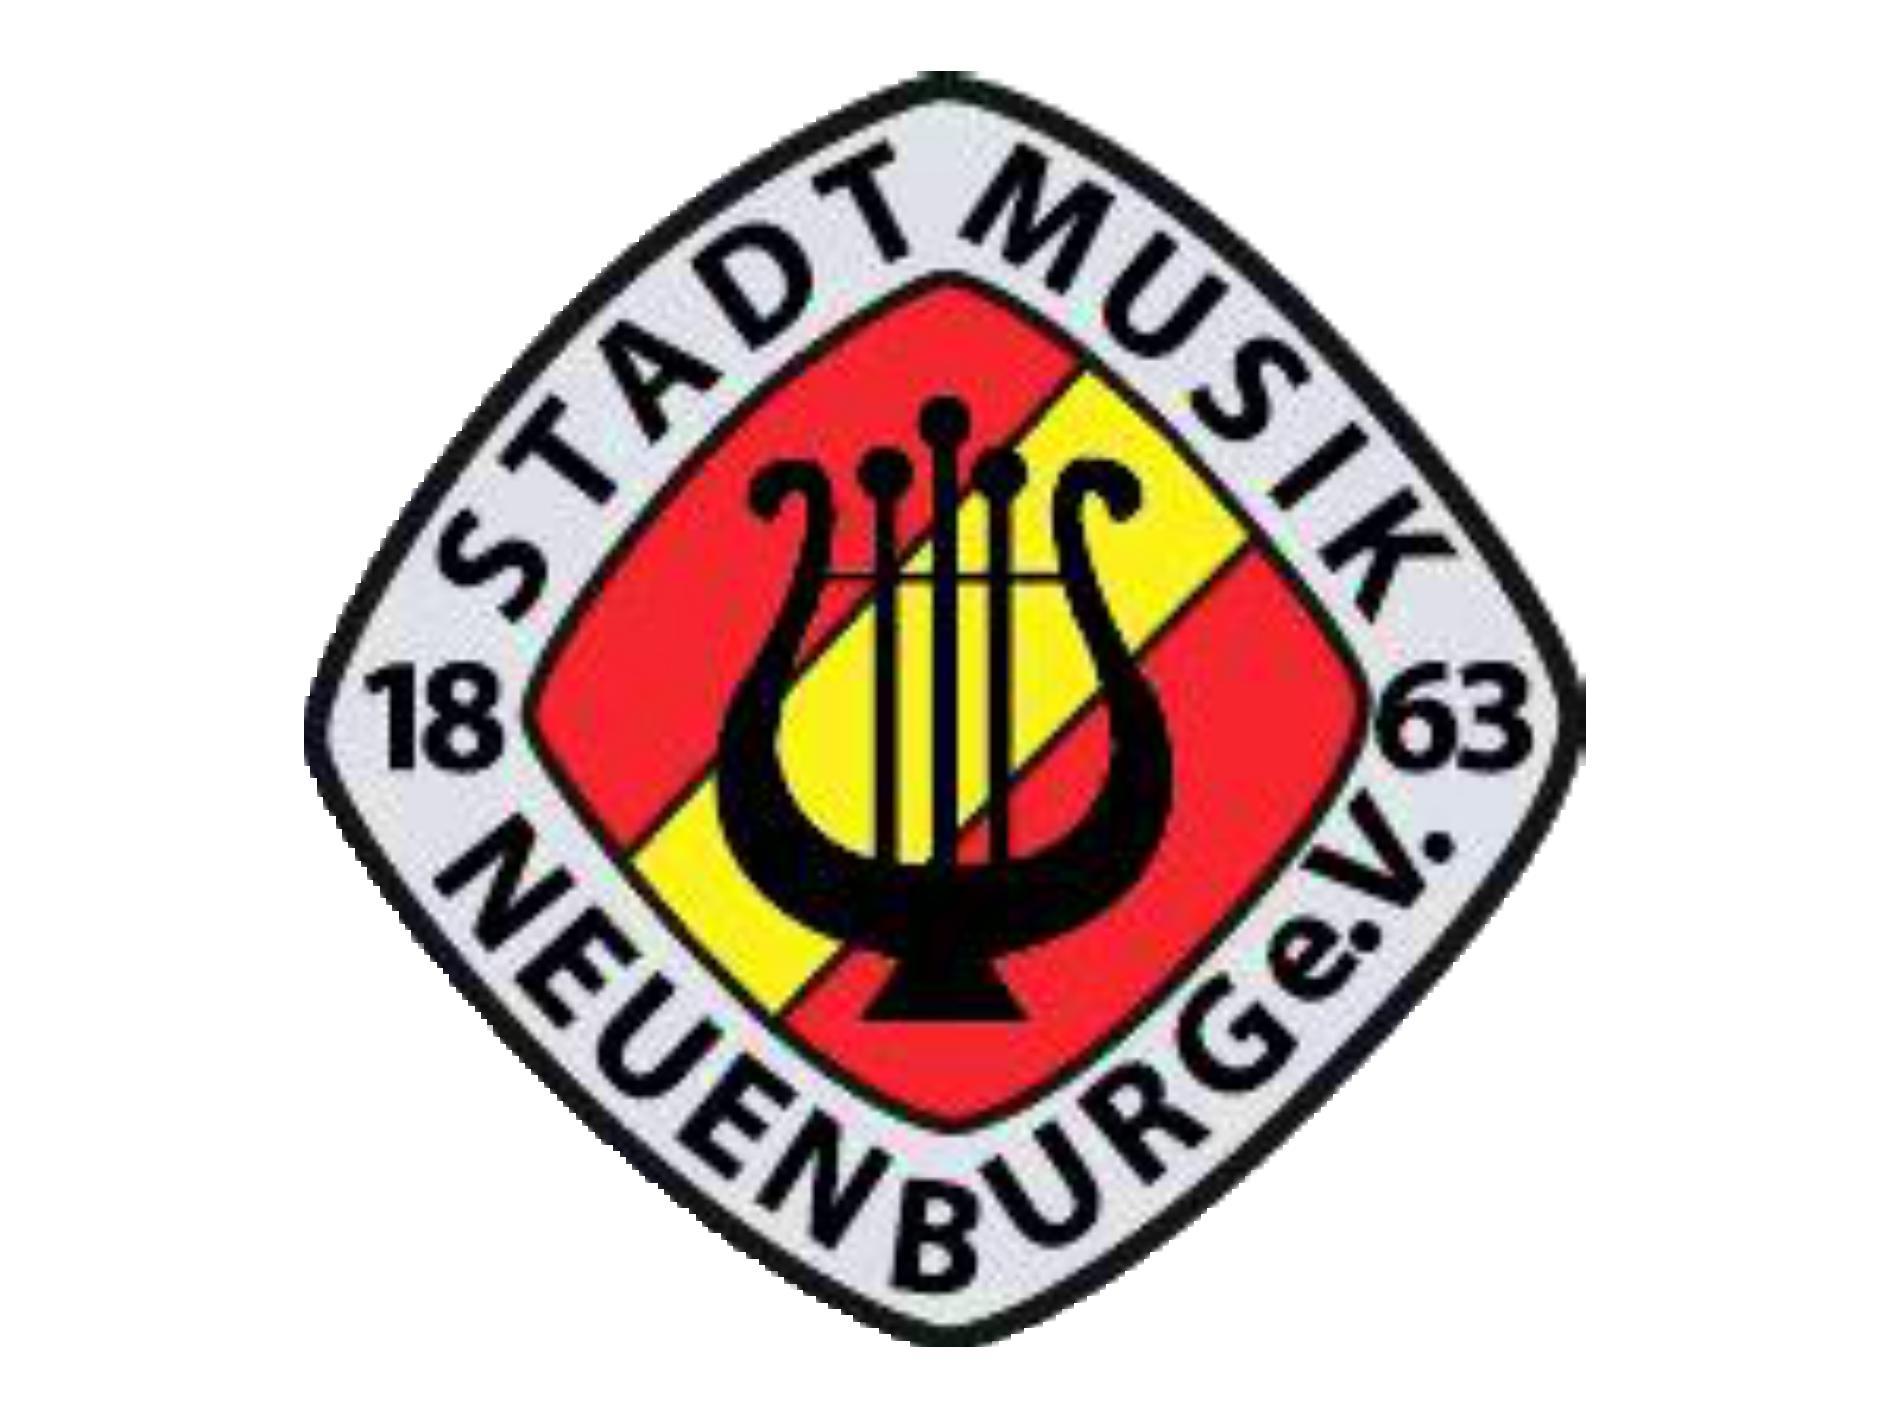 Stadtmusik Neuenburg am Rhein 1863